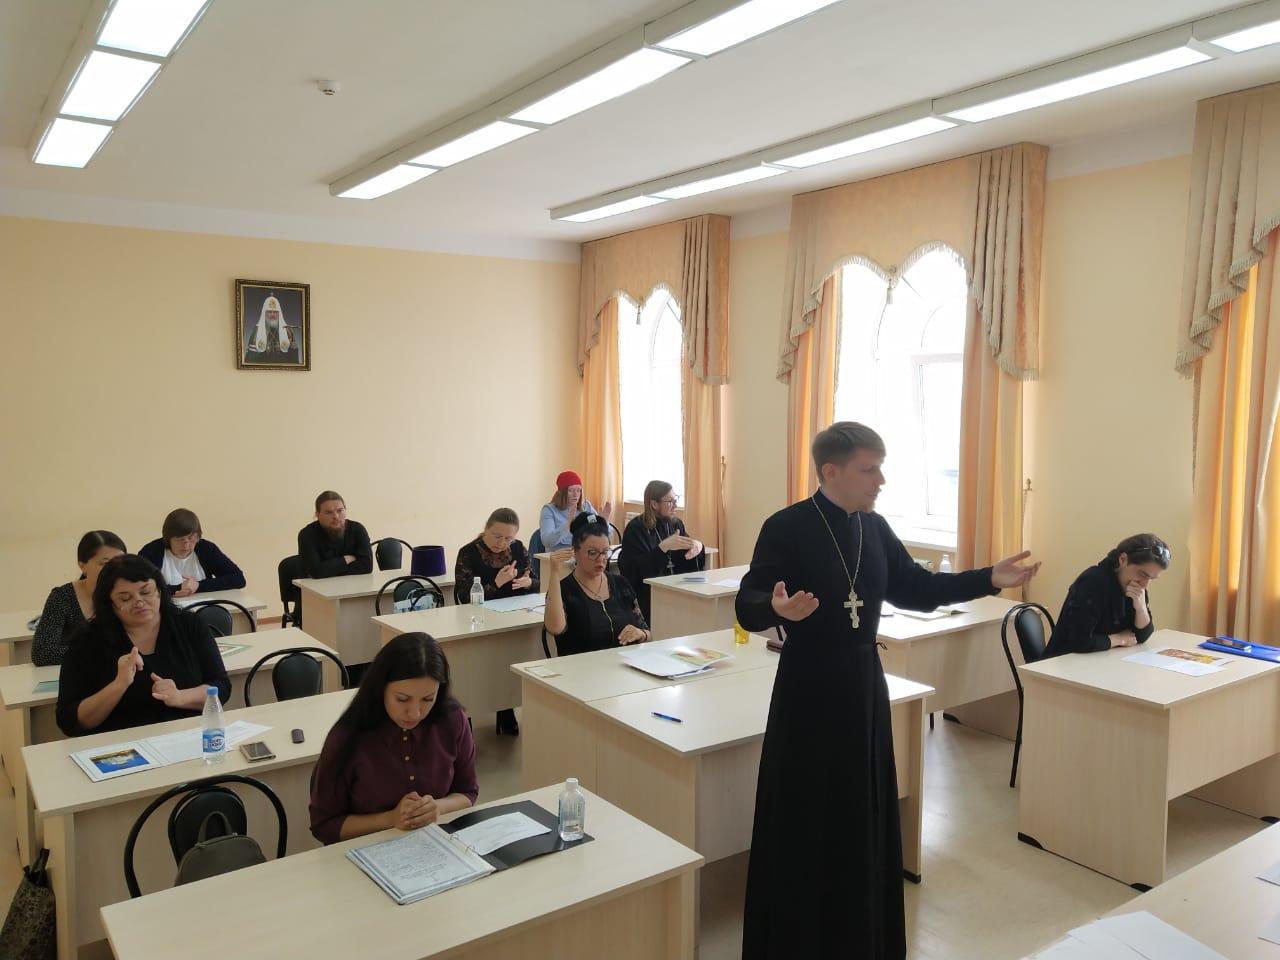 В Хабаровске завершился первый церковный курс жестового языка продвинутого уровня